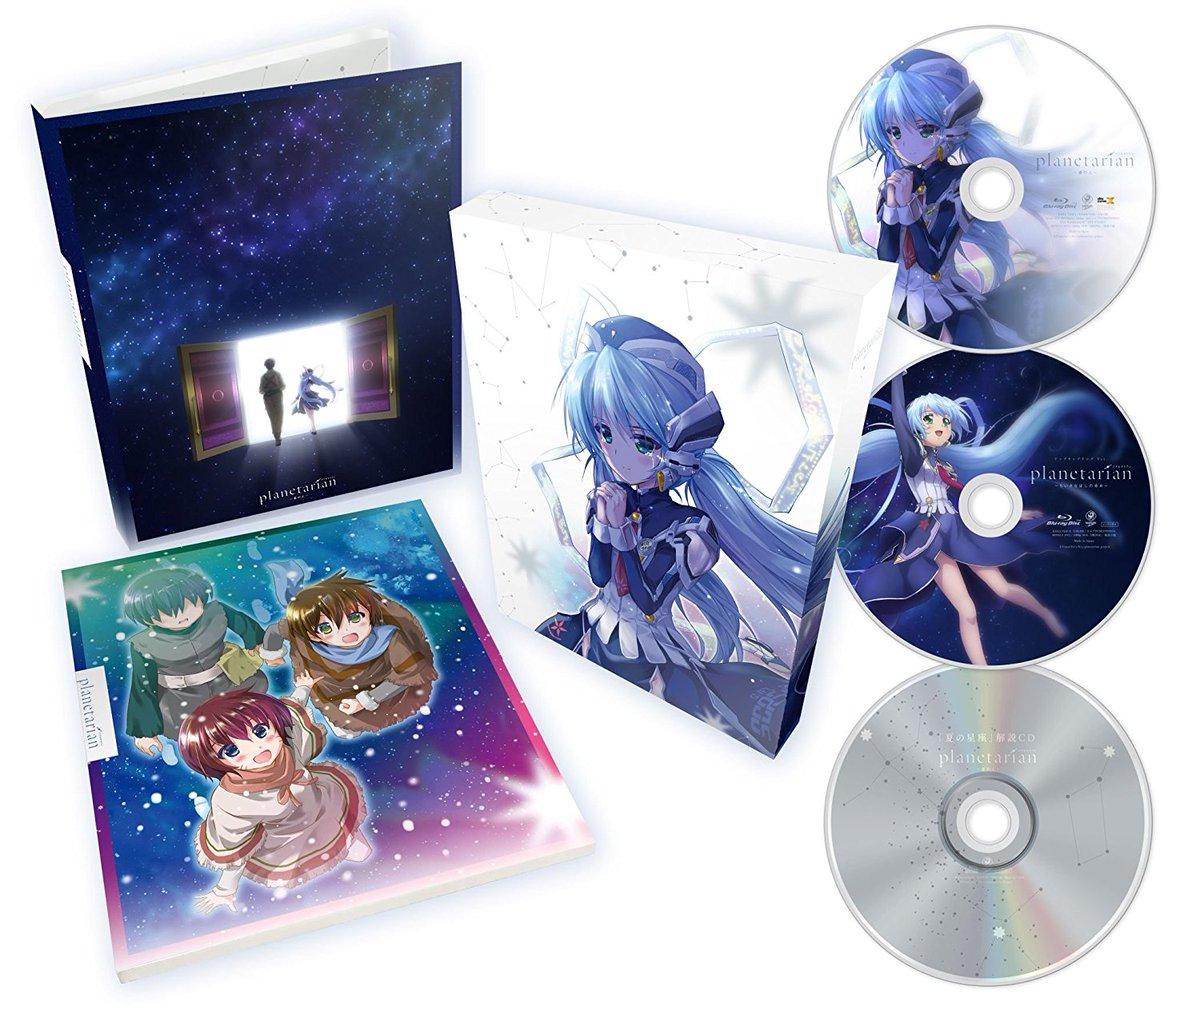 今日2月24日は「planetarian~星の人~」のブルーレイの発売日ですよ。ぜひご購入をおすすめいたします。#pla